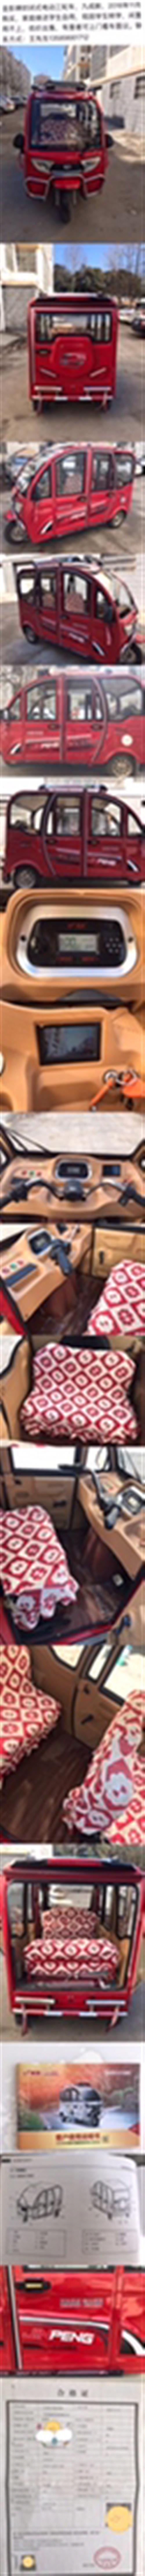 金彭牌封闭式电动三轮车,九成新,2018年11月购买,家庭接送学生自用,现因学生转学,闲置用不上,低...